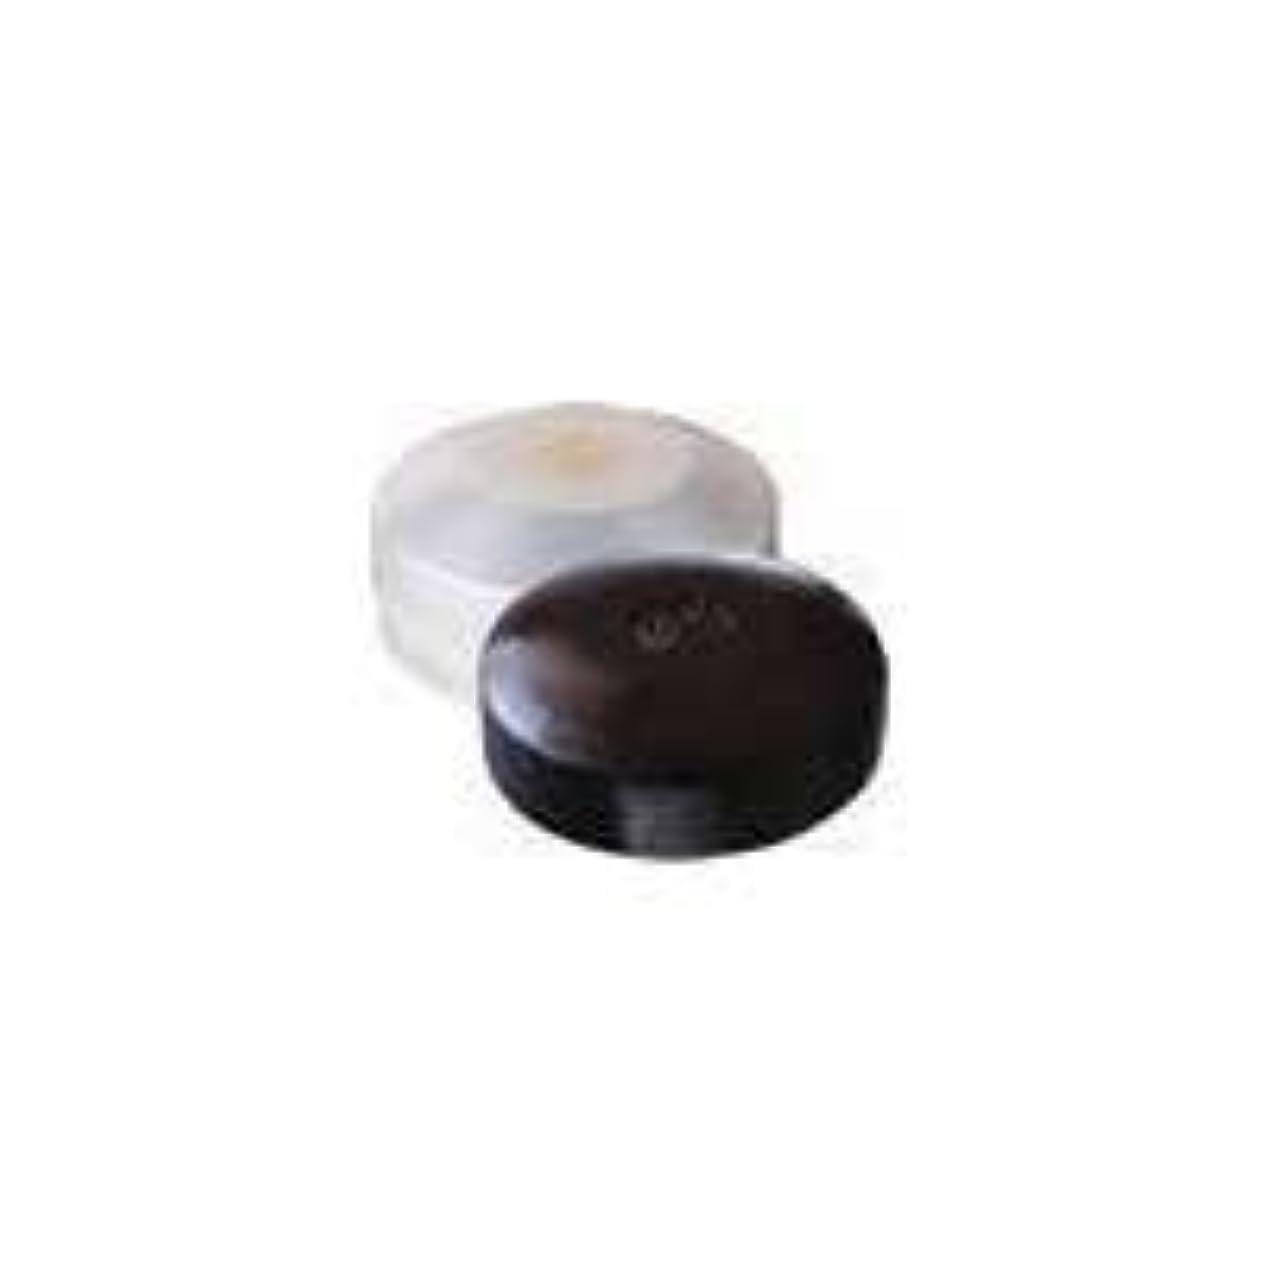 船上大佐寄託マミヤンアロエ基礎化粧品シリーズ アロエクセルソープ 120g(ケース有) まろやかな泡立ち透明石鹸